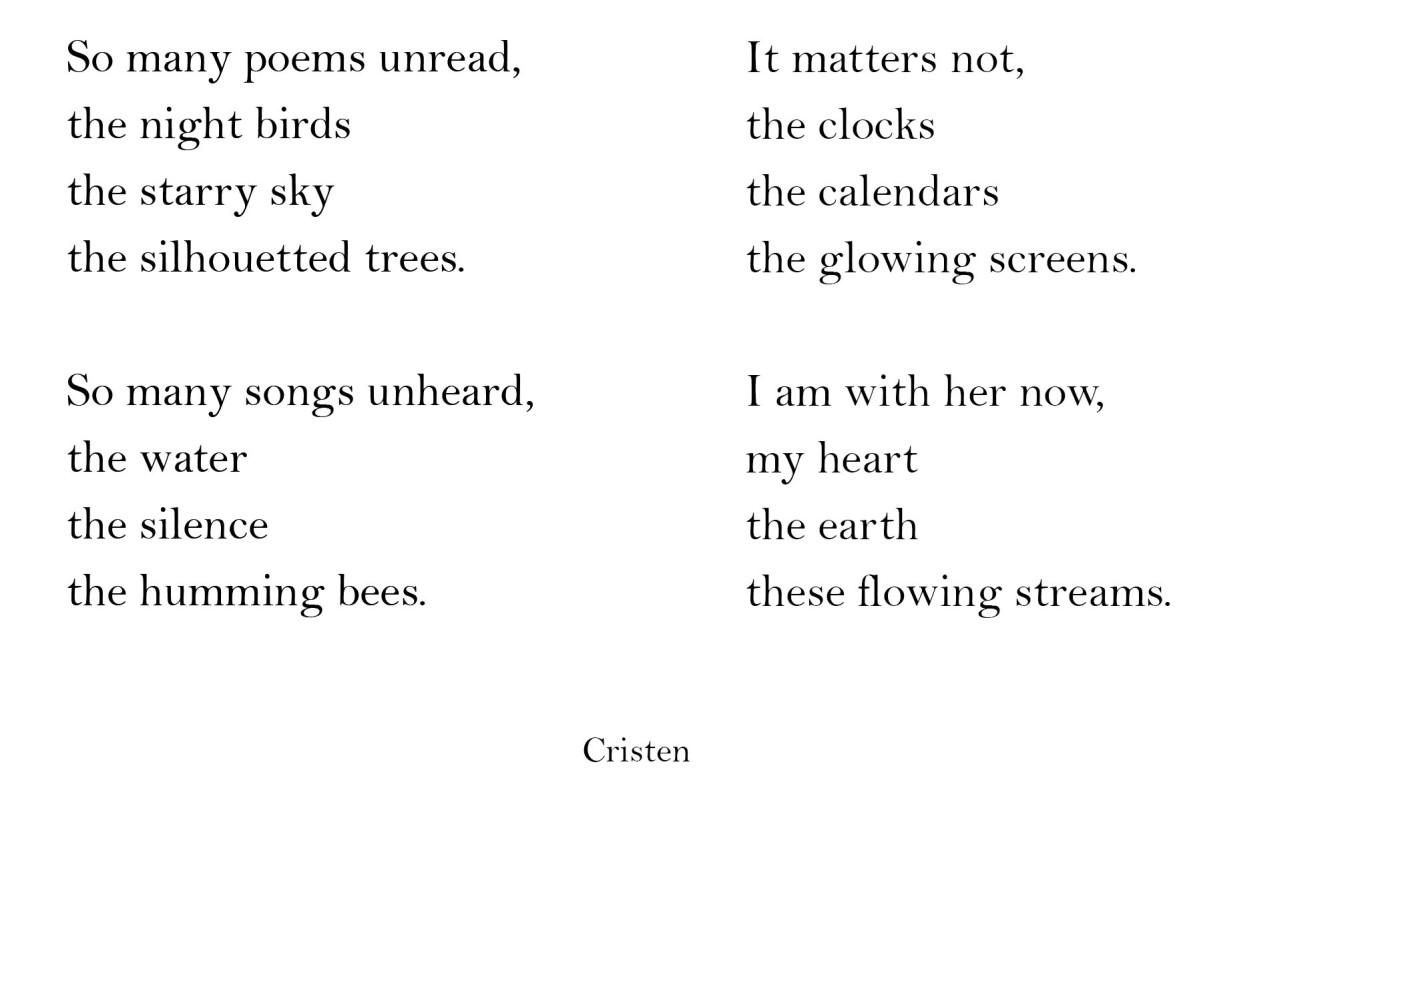 so many poems